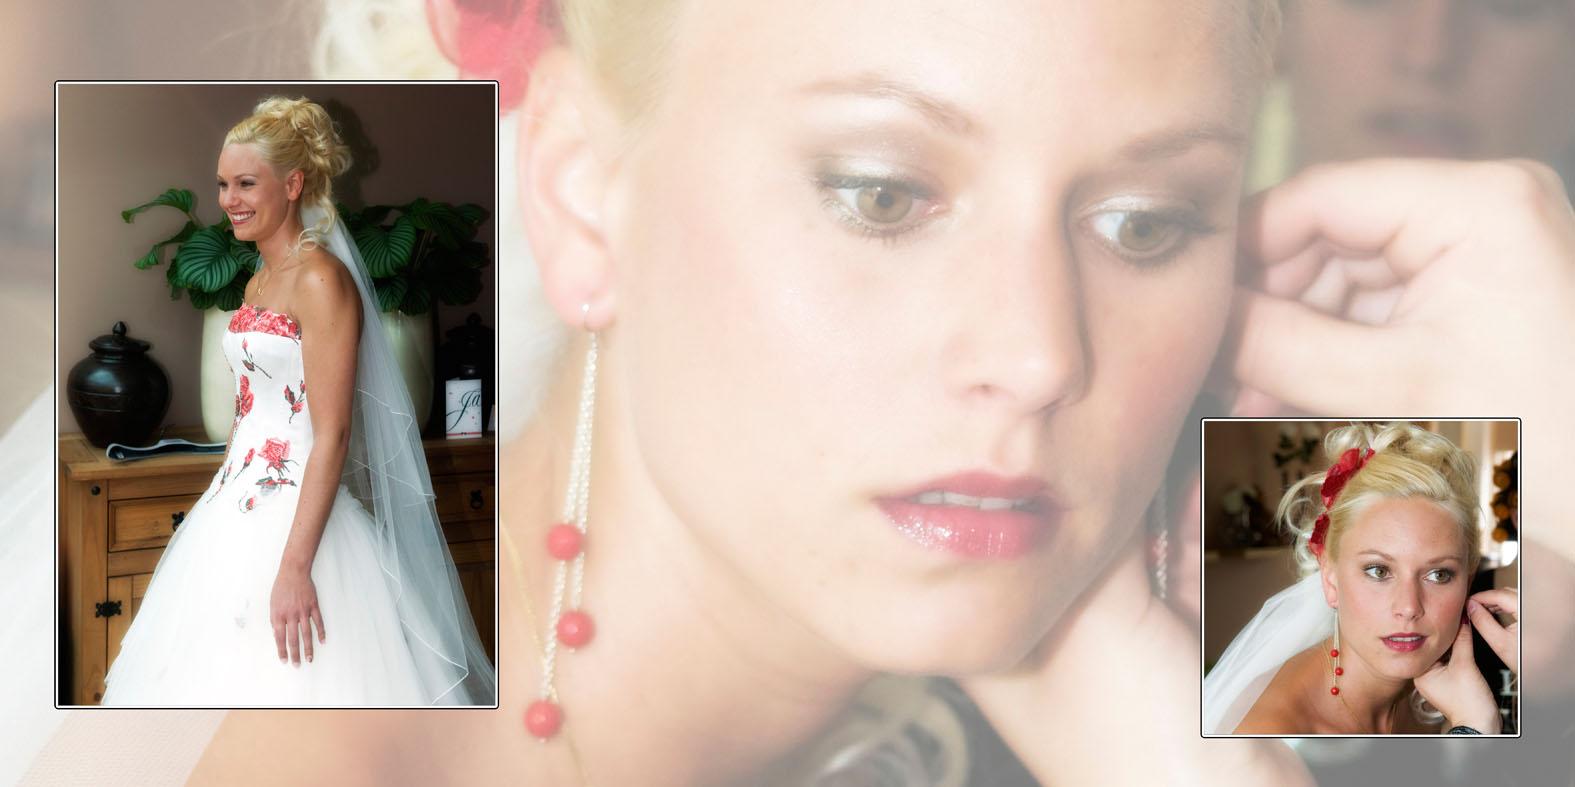 Niestadt-fotografie-Schoonhoven-trouw-fotos-Herman-en-Jennifer-Lopik-trouwboek-pagina-3